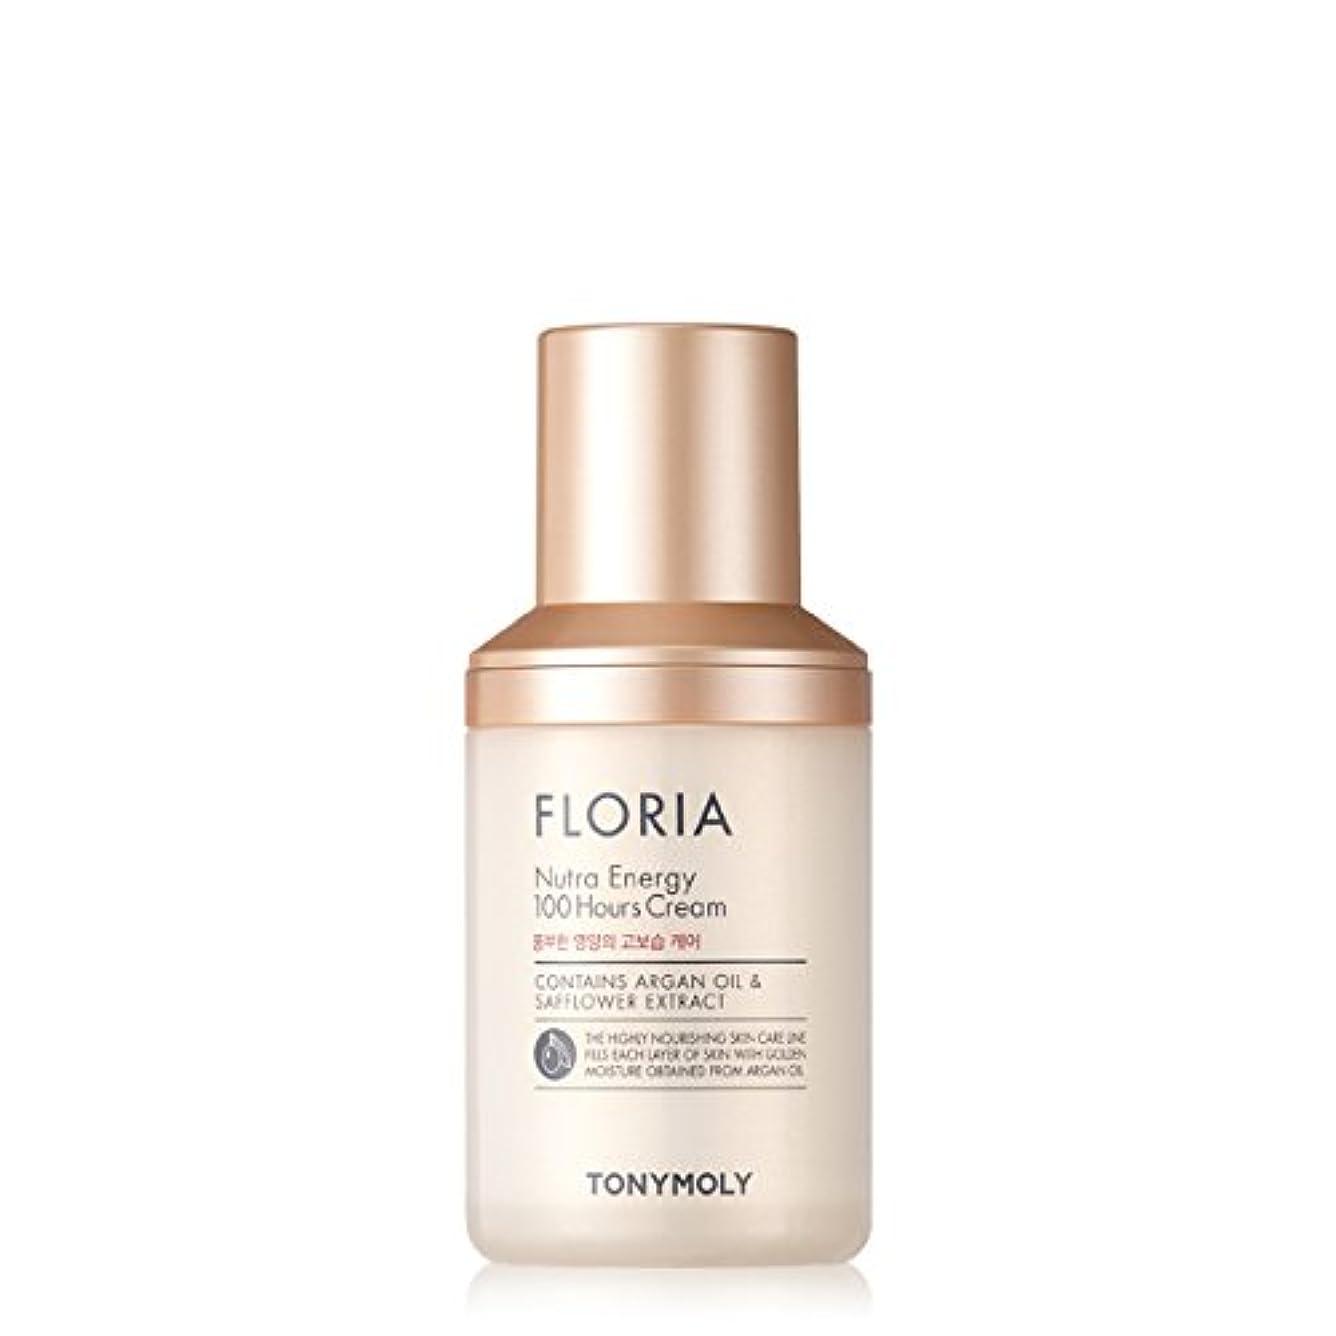 インフレーション病気カロリー[NEW] TONY MOLY Floria Nutra energy 100 hours Cream 50ml トニーモリー フローリア ニュートラ エナジー 100時間 クリーム 50ml [並行輸入品]